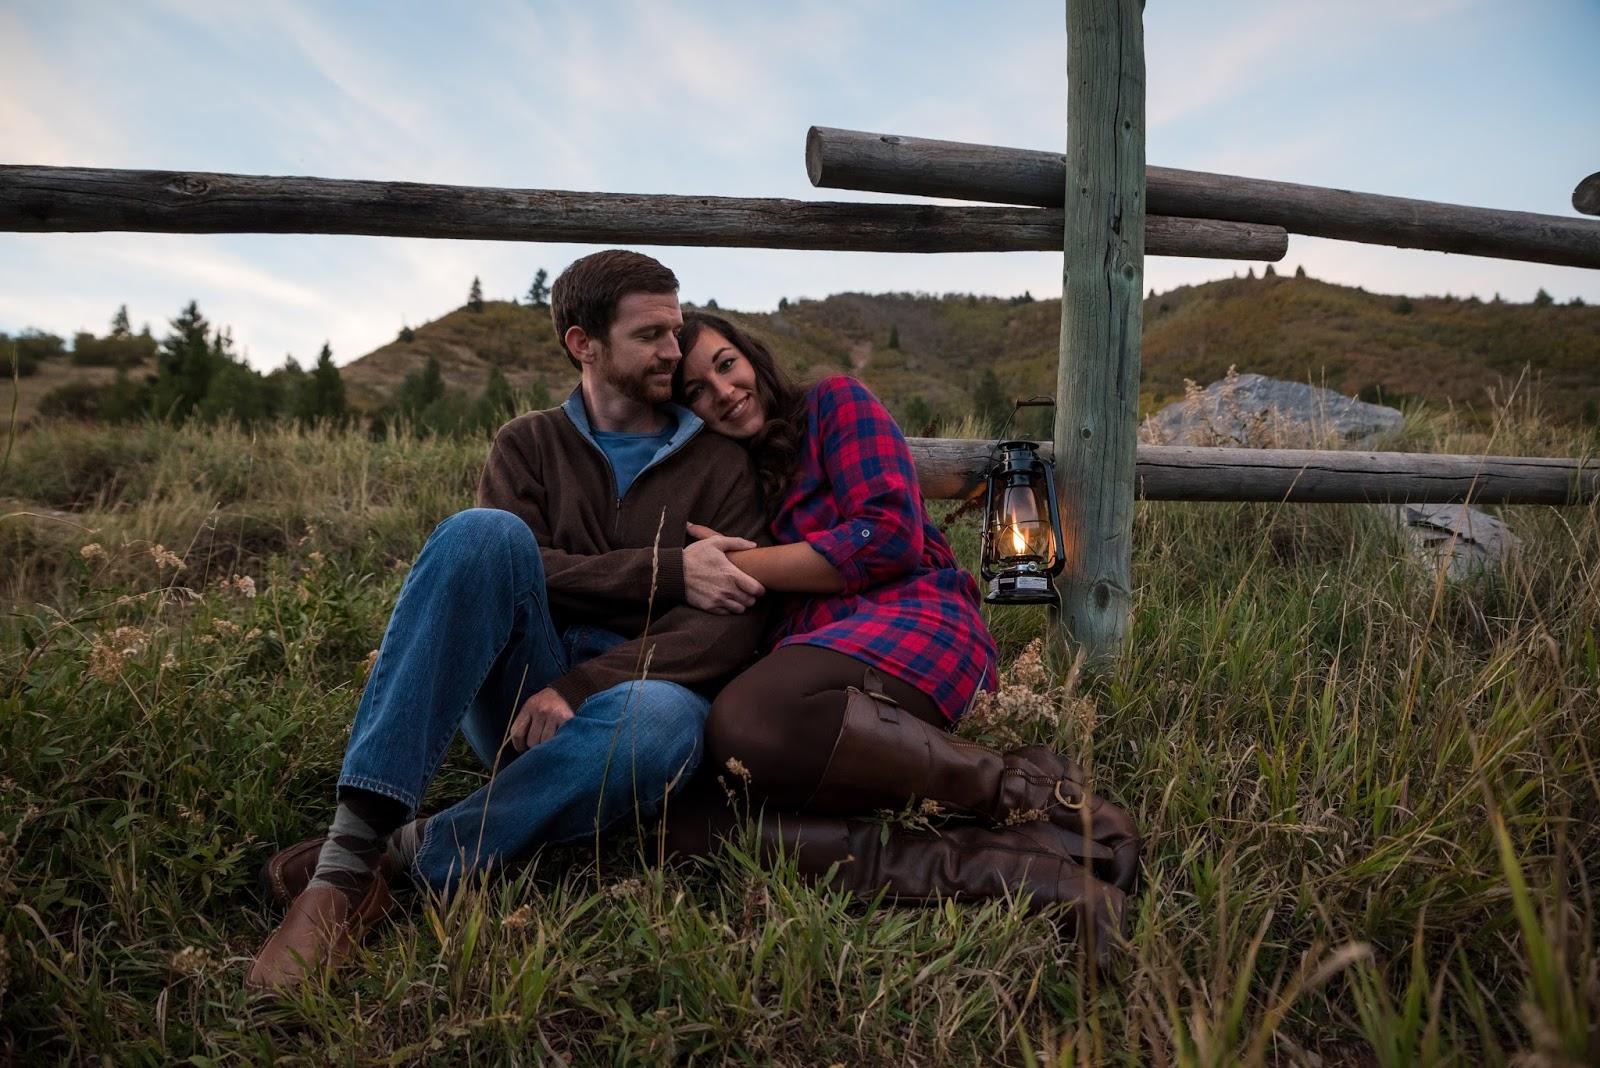 Heather Luczak, Utah Engagement Photography